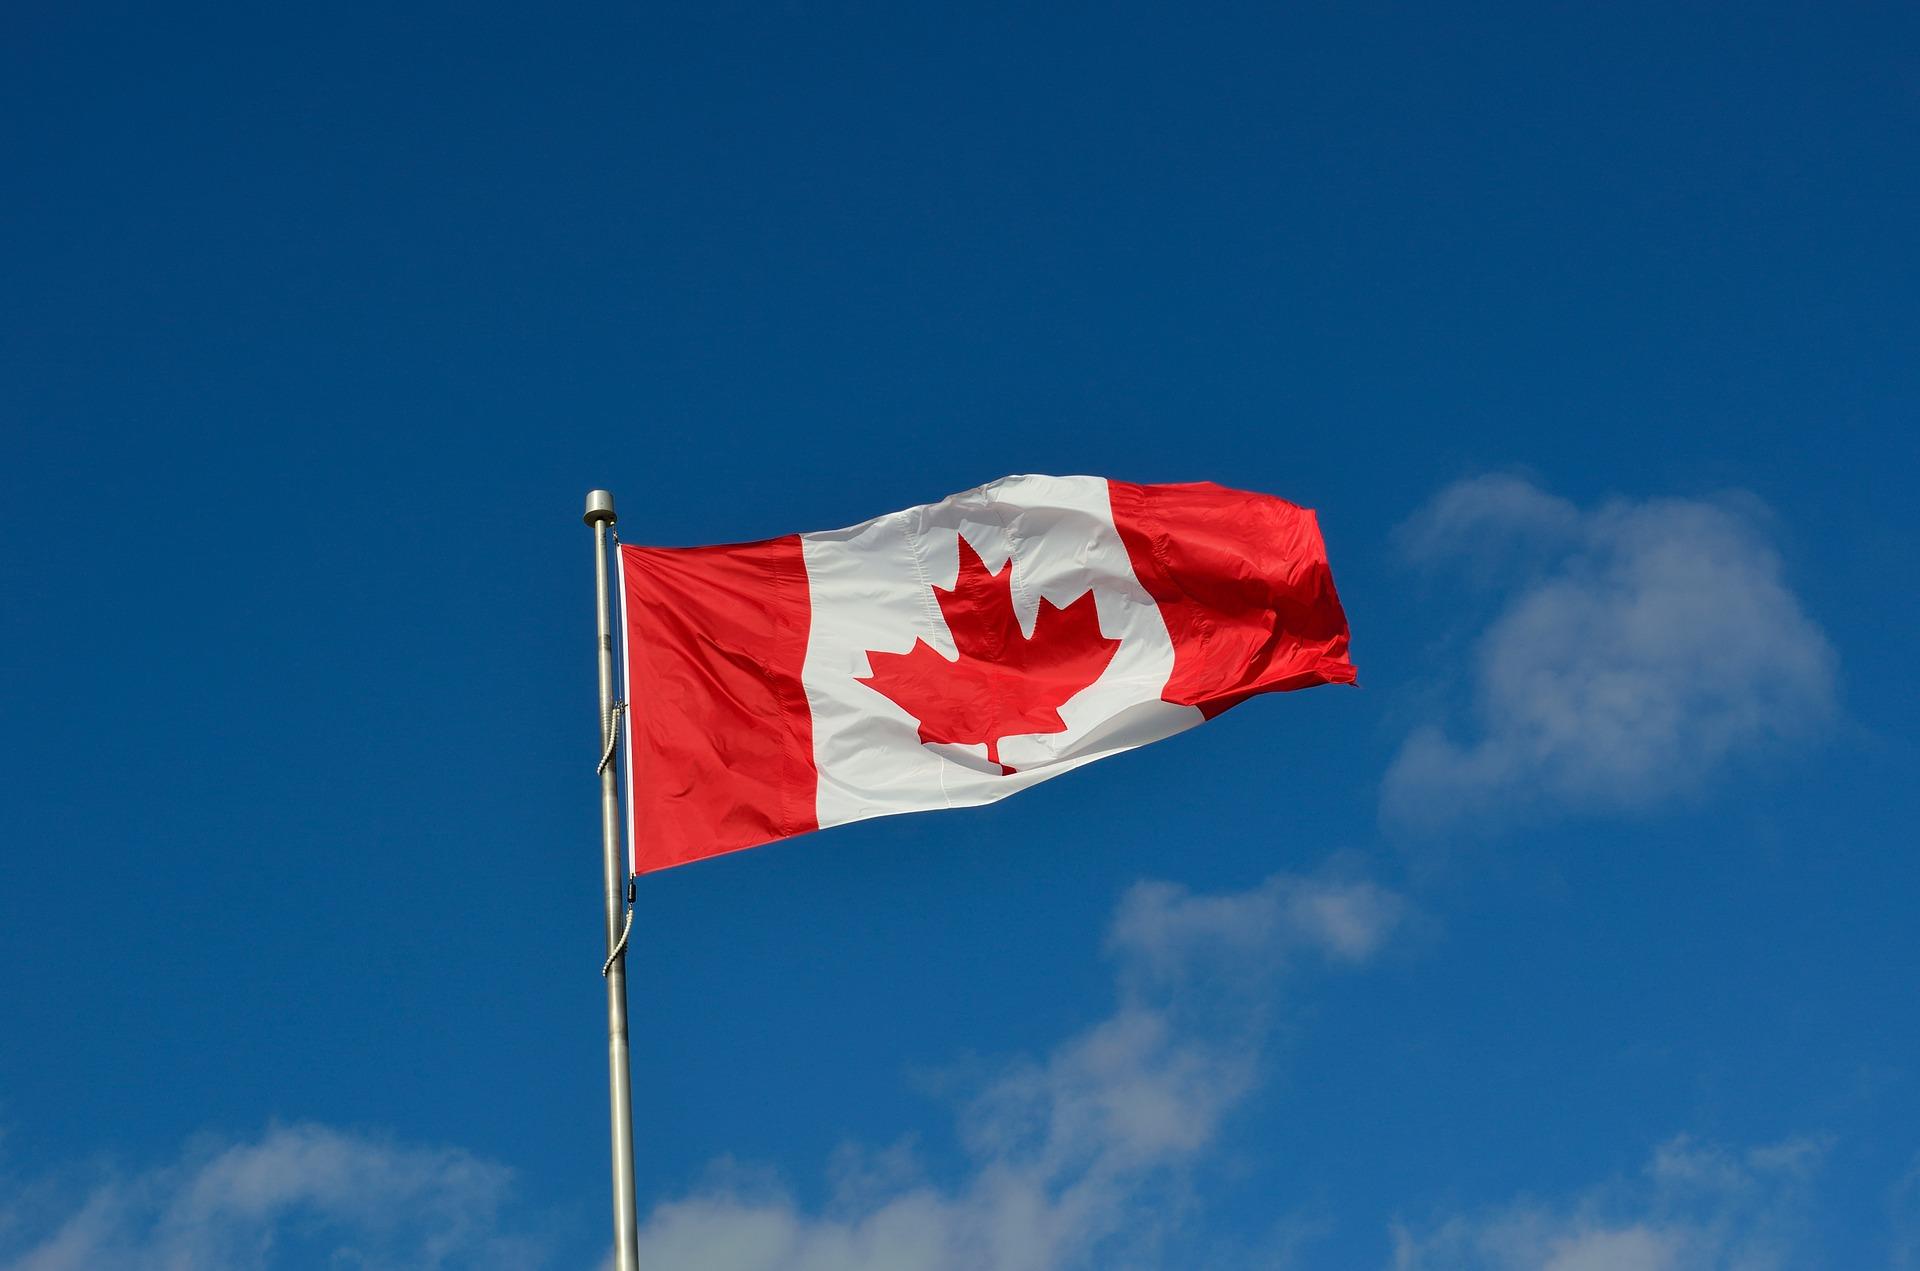 Kanada uvodi sankcije protiv 17 saudijskih dužnosnika